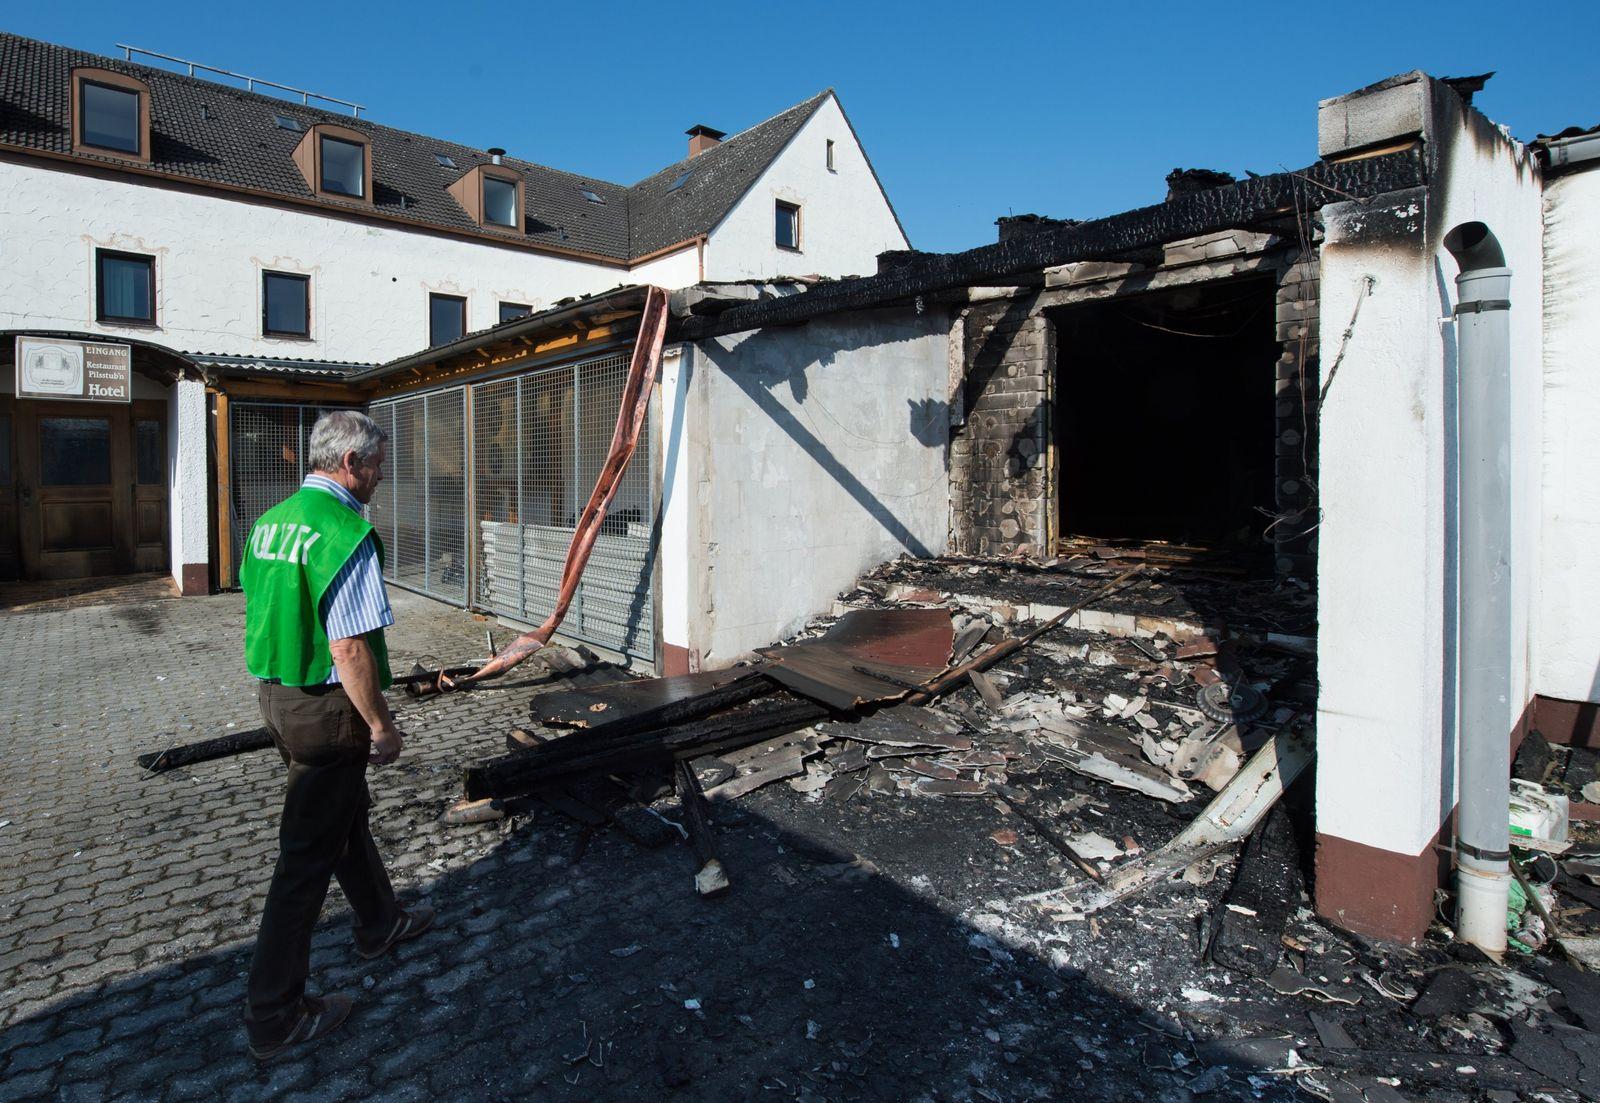 Reichertshofen/ Brandanschlag/ Asylbewerberunterkunft